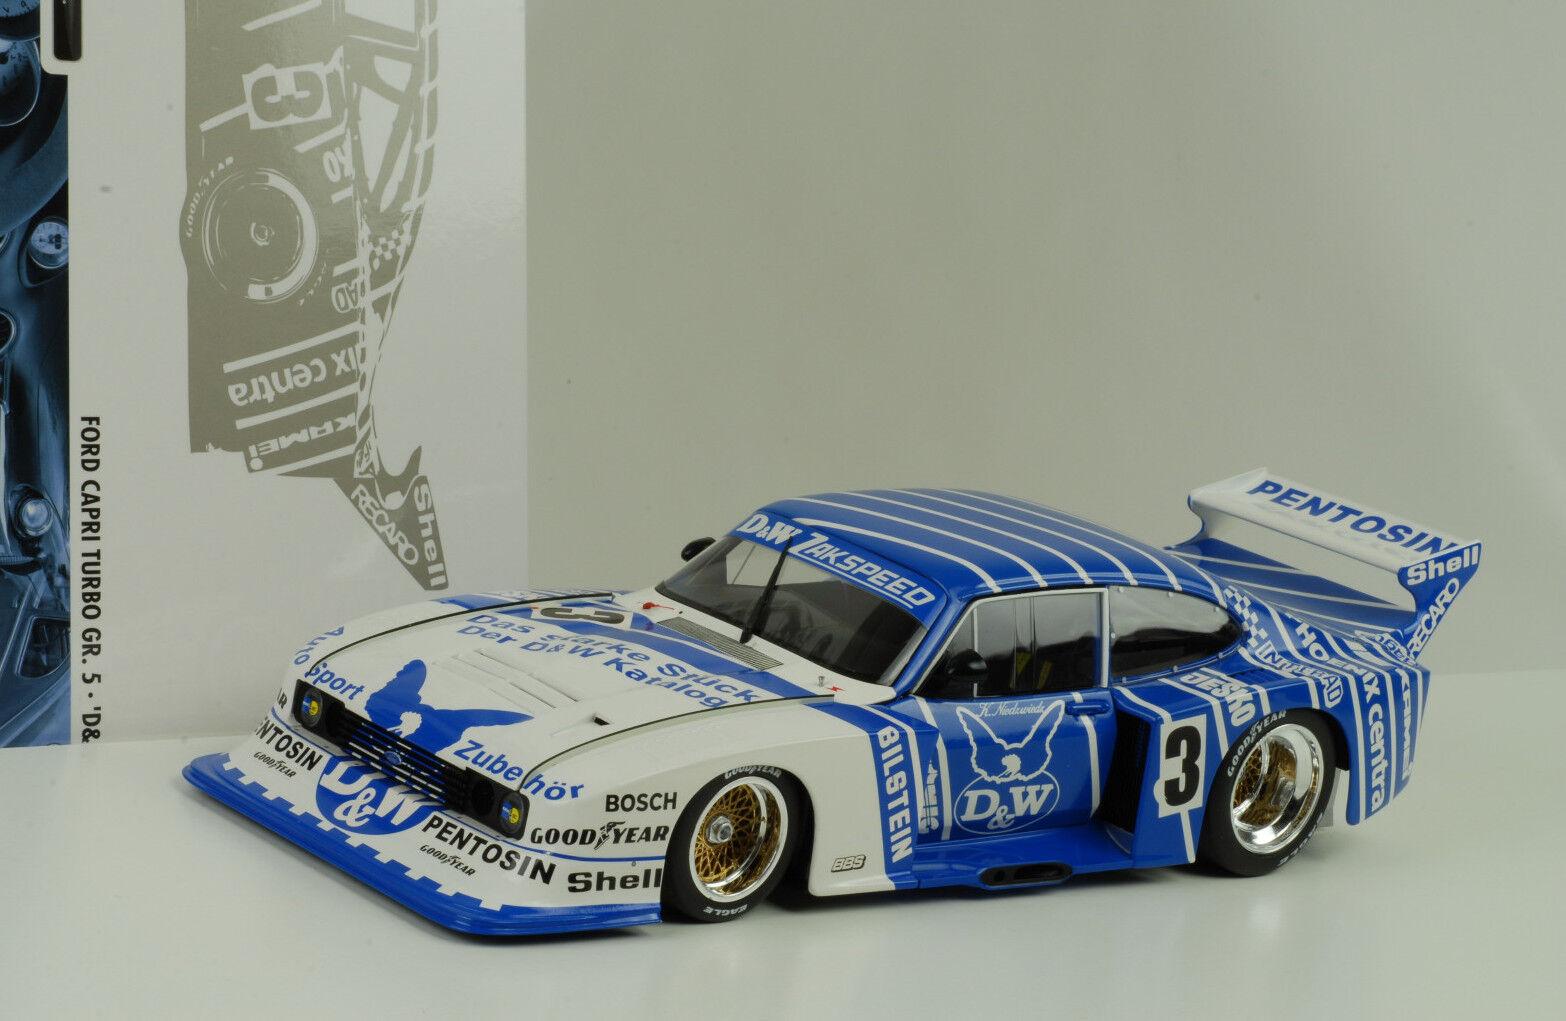 1982 Ford Capri turbo taille 5  DRM D & w Klaus Niedzwiedz 1 18 MINICHAMPS  livraison gratuite!